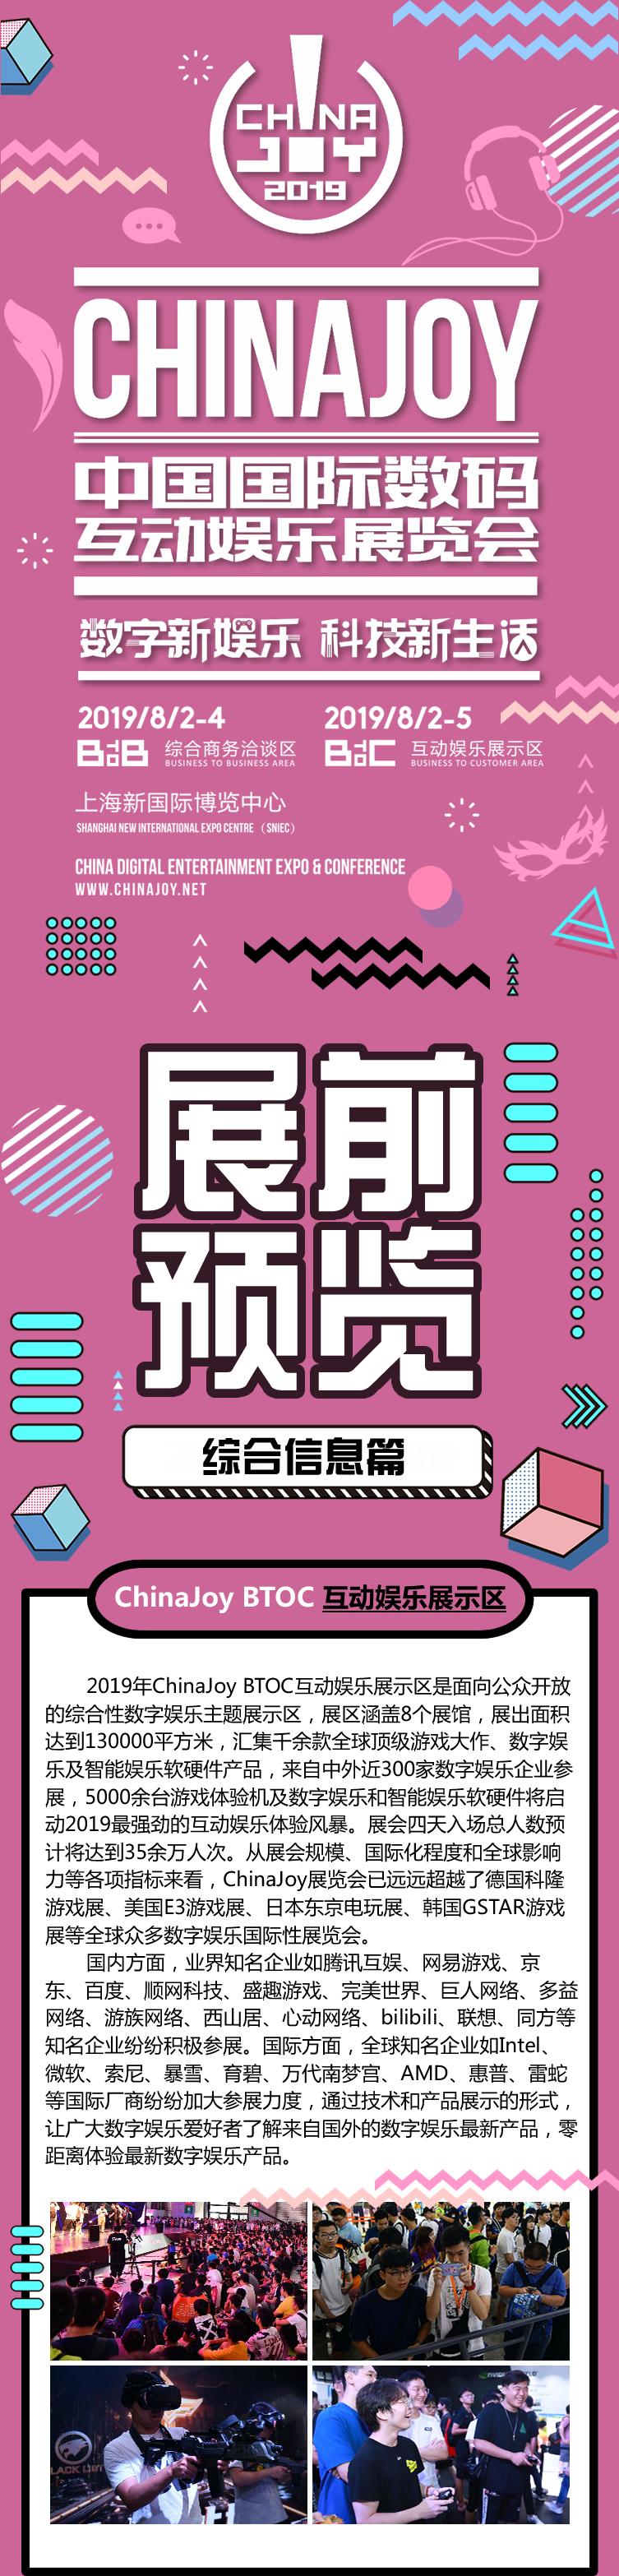 一周热点前瞻:ChinaJoy开幕 神力刚巴尔特发售